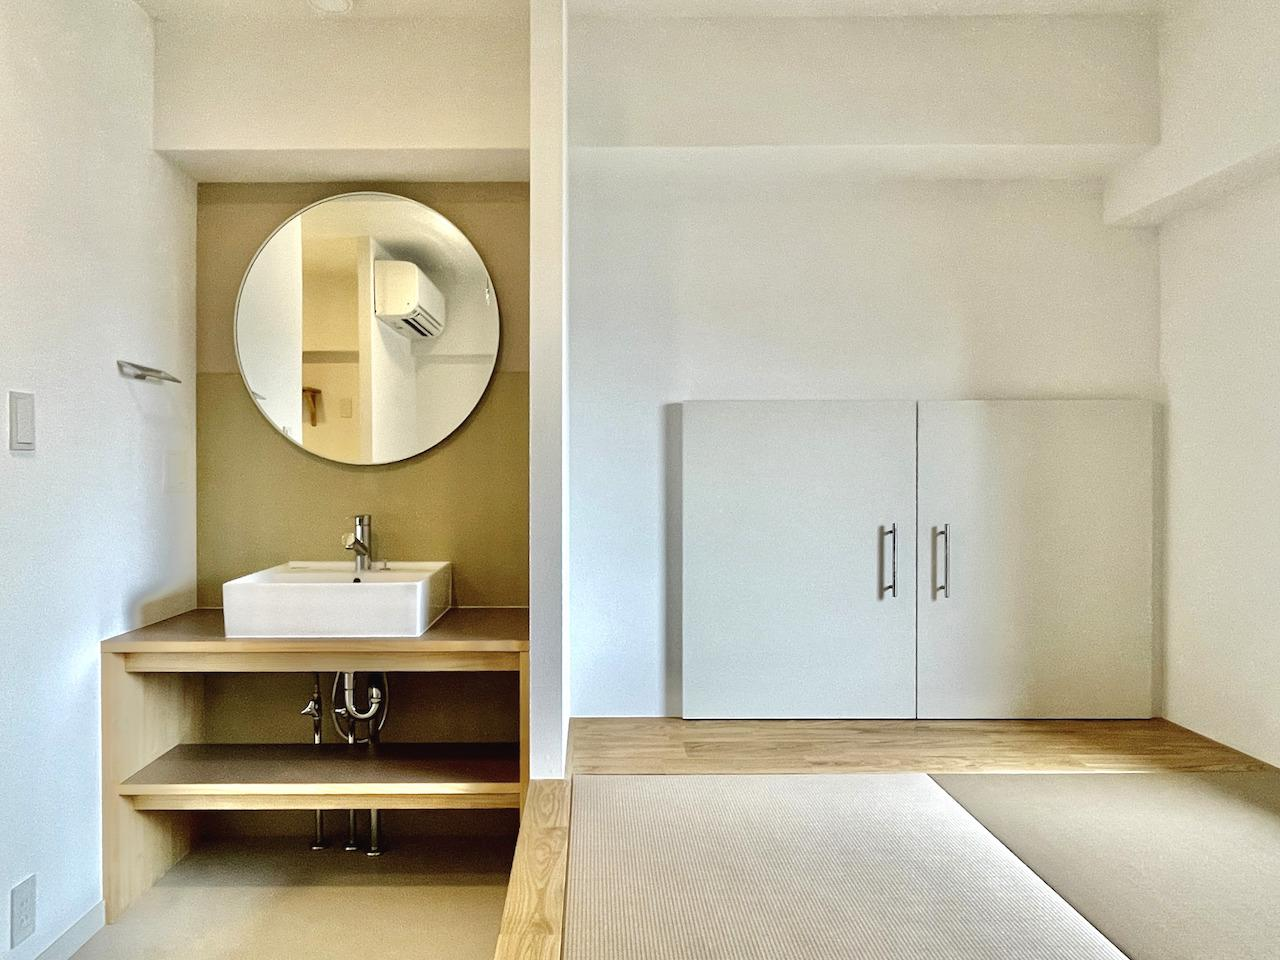 洗面所の丸い鏡が可愛い。